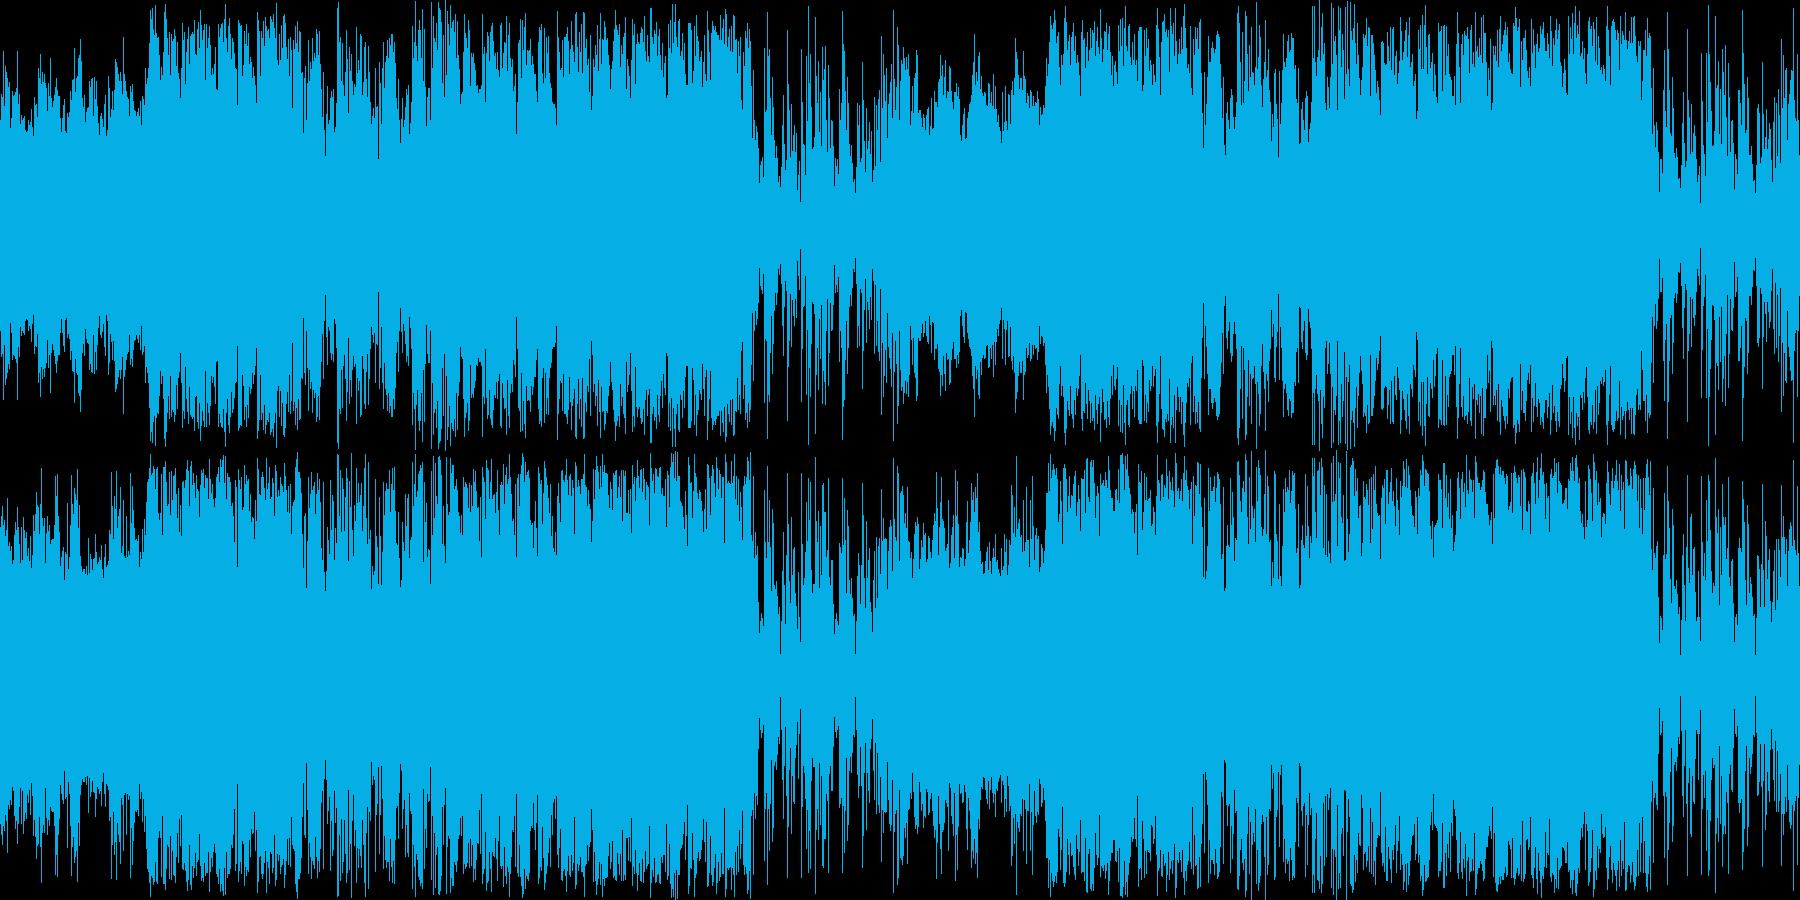 シリアスな宇宙っぽいエピックサウンドの再生済みの波形